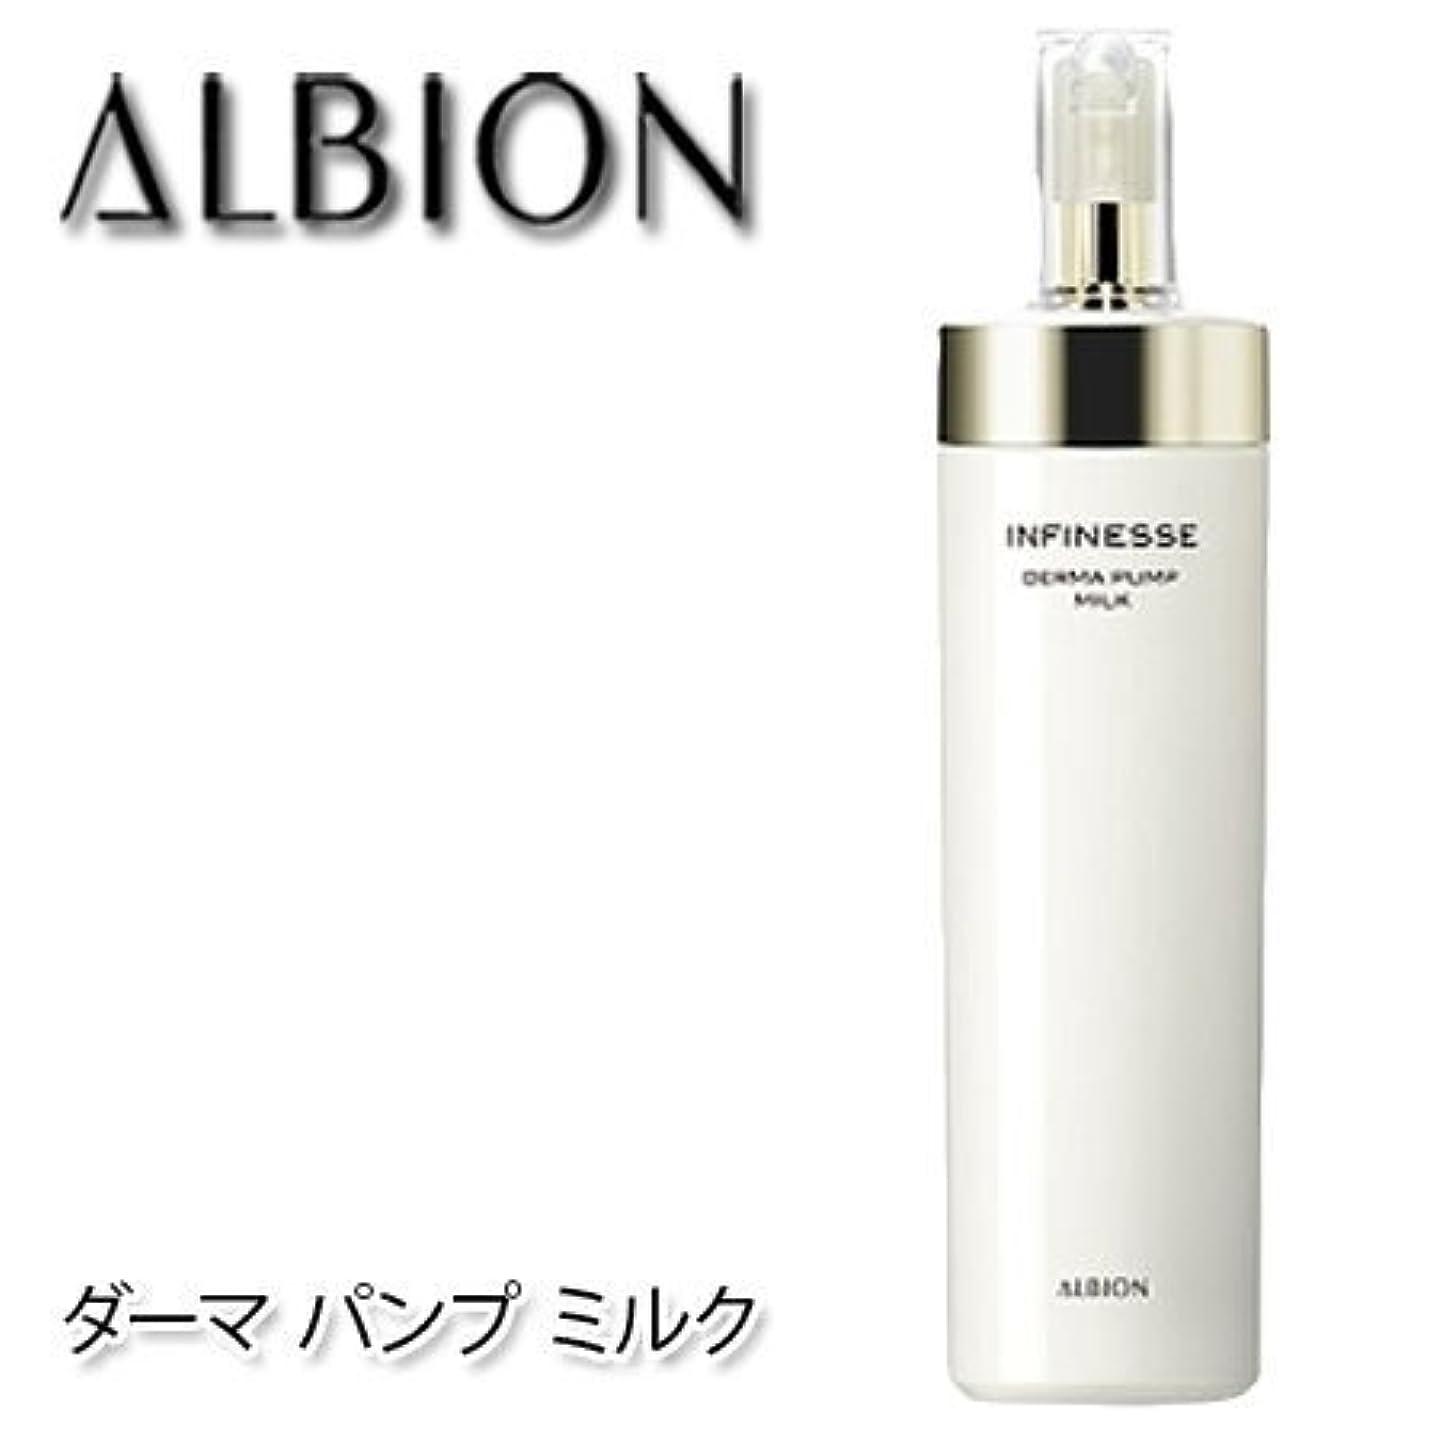 足円周意志に反するアルビオン アンフィネス ダーマ パンプ ミルク 200g-ALBION-